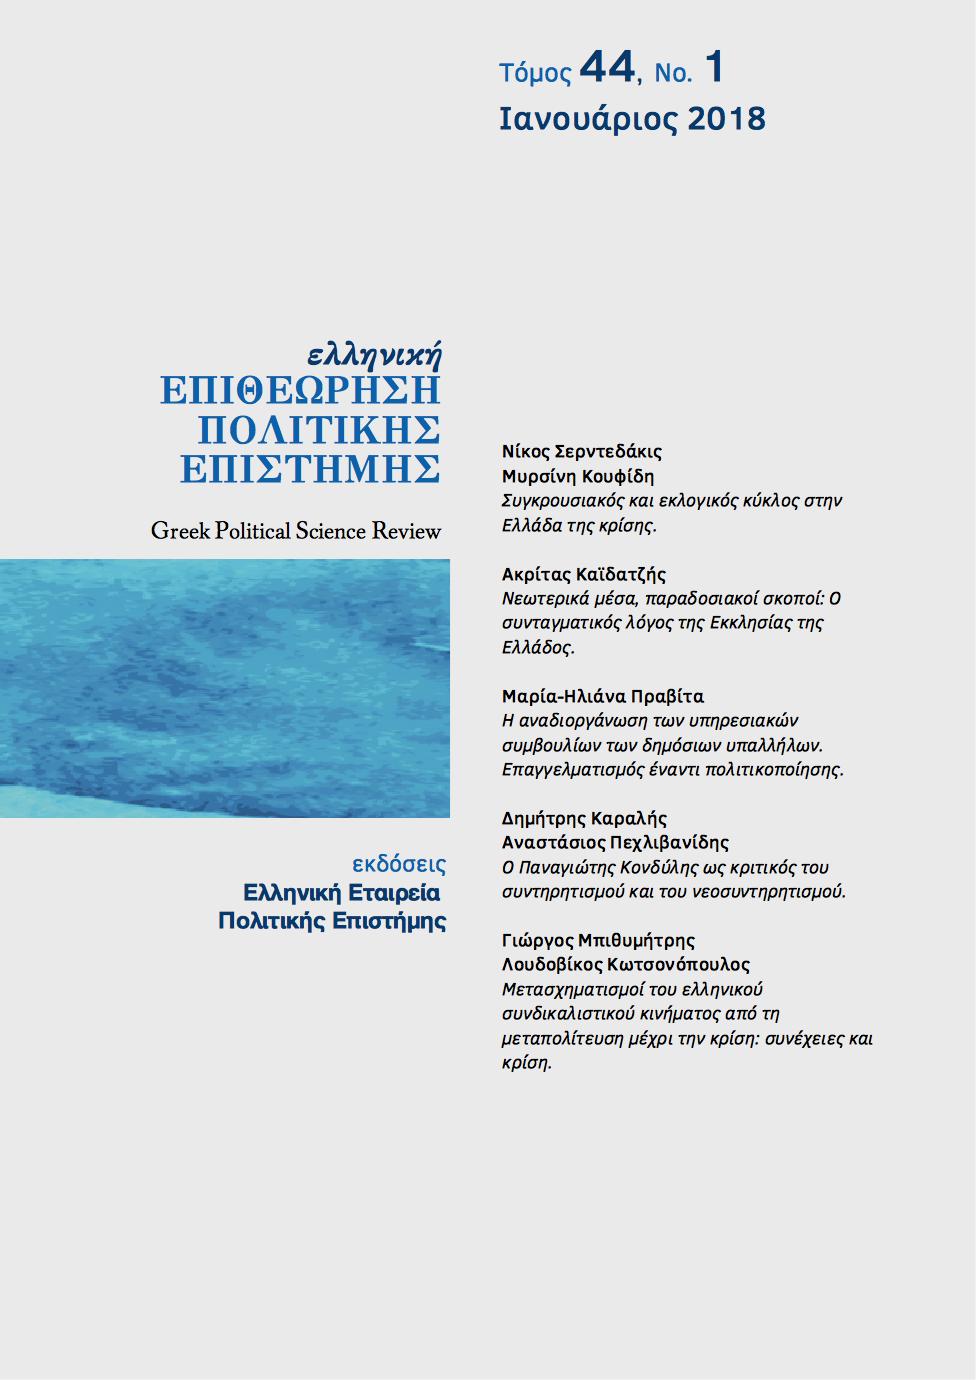 Ελληνική Επιθεώρηση Πολιτικής Επιστήμης